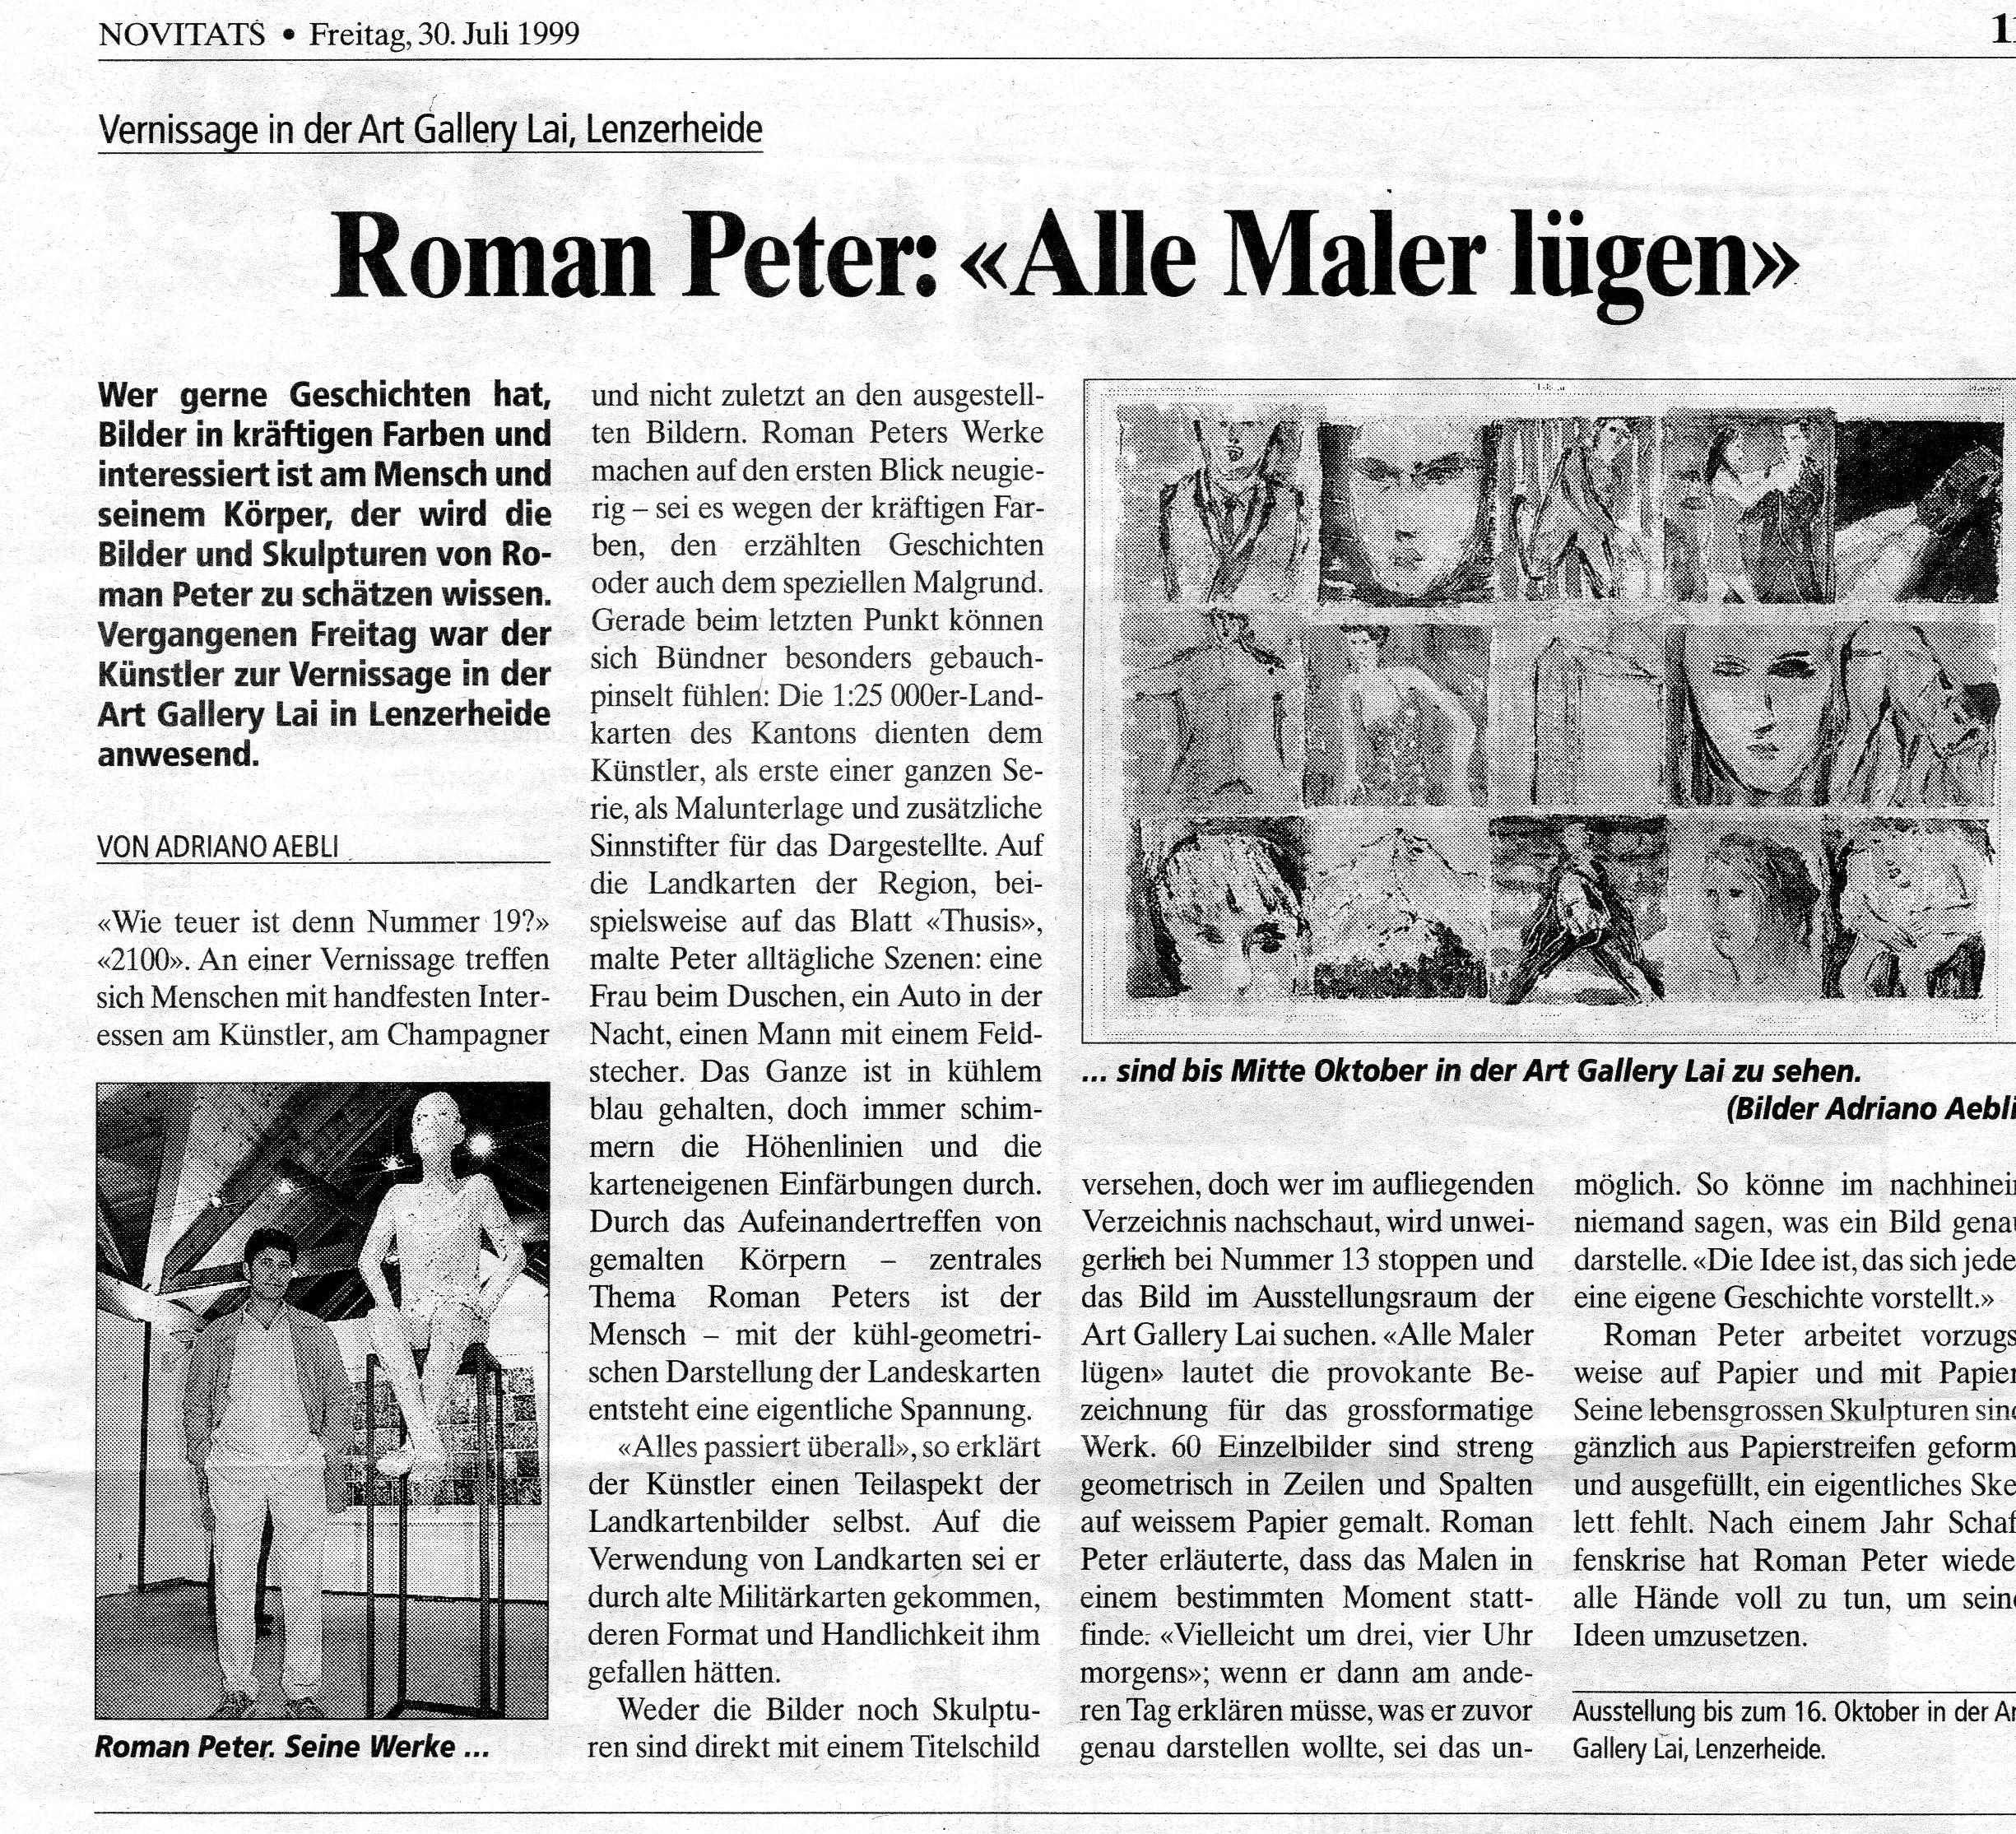 Juli 1990, Novitats